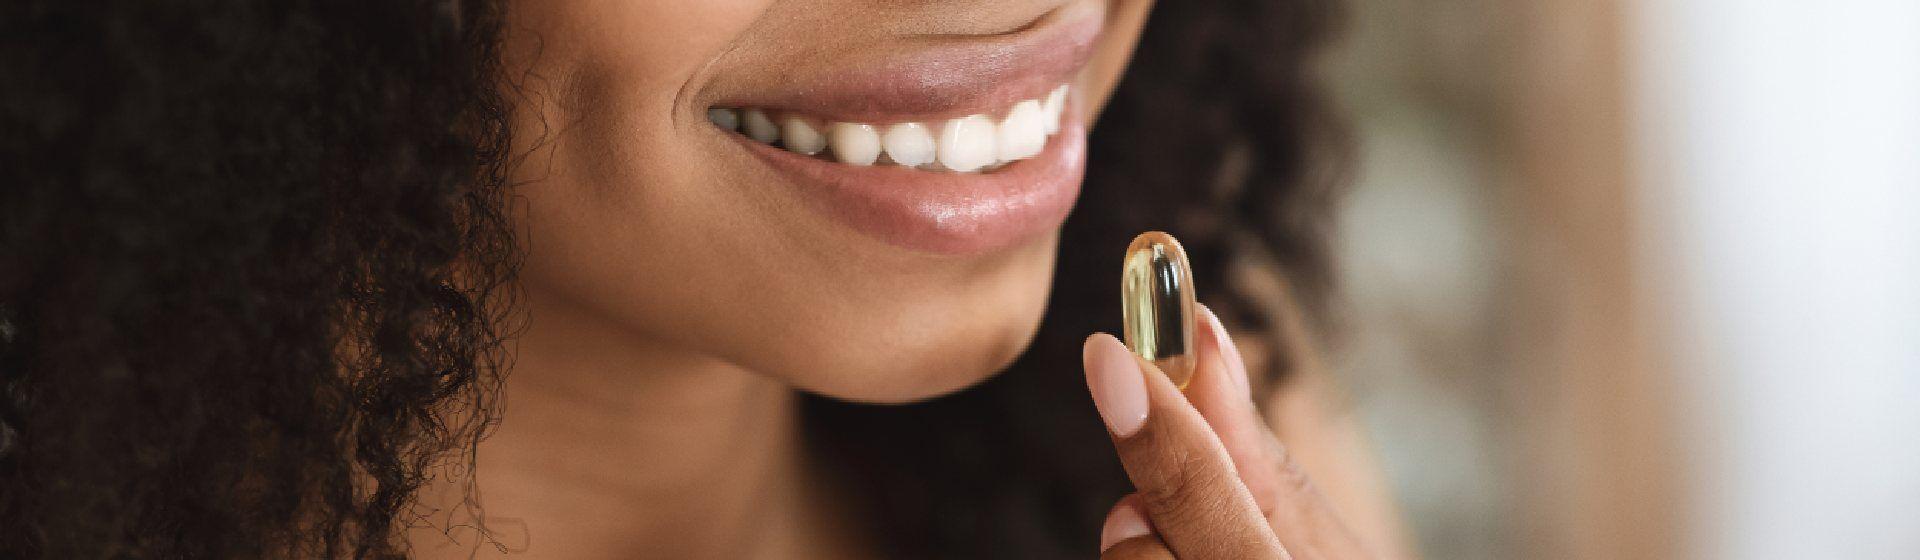 Mulher negra segurando um comprimido de vitamina